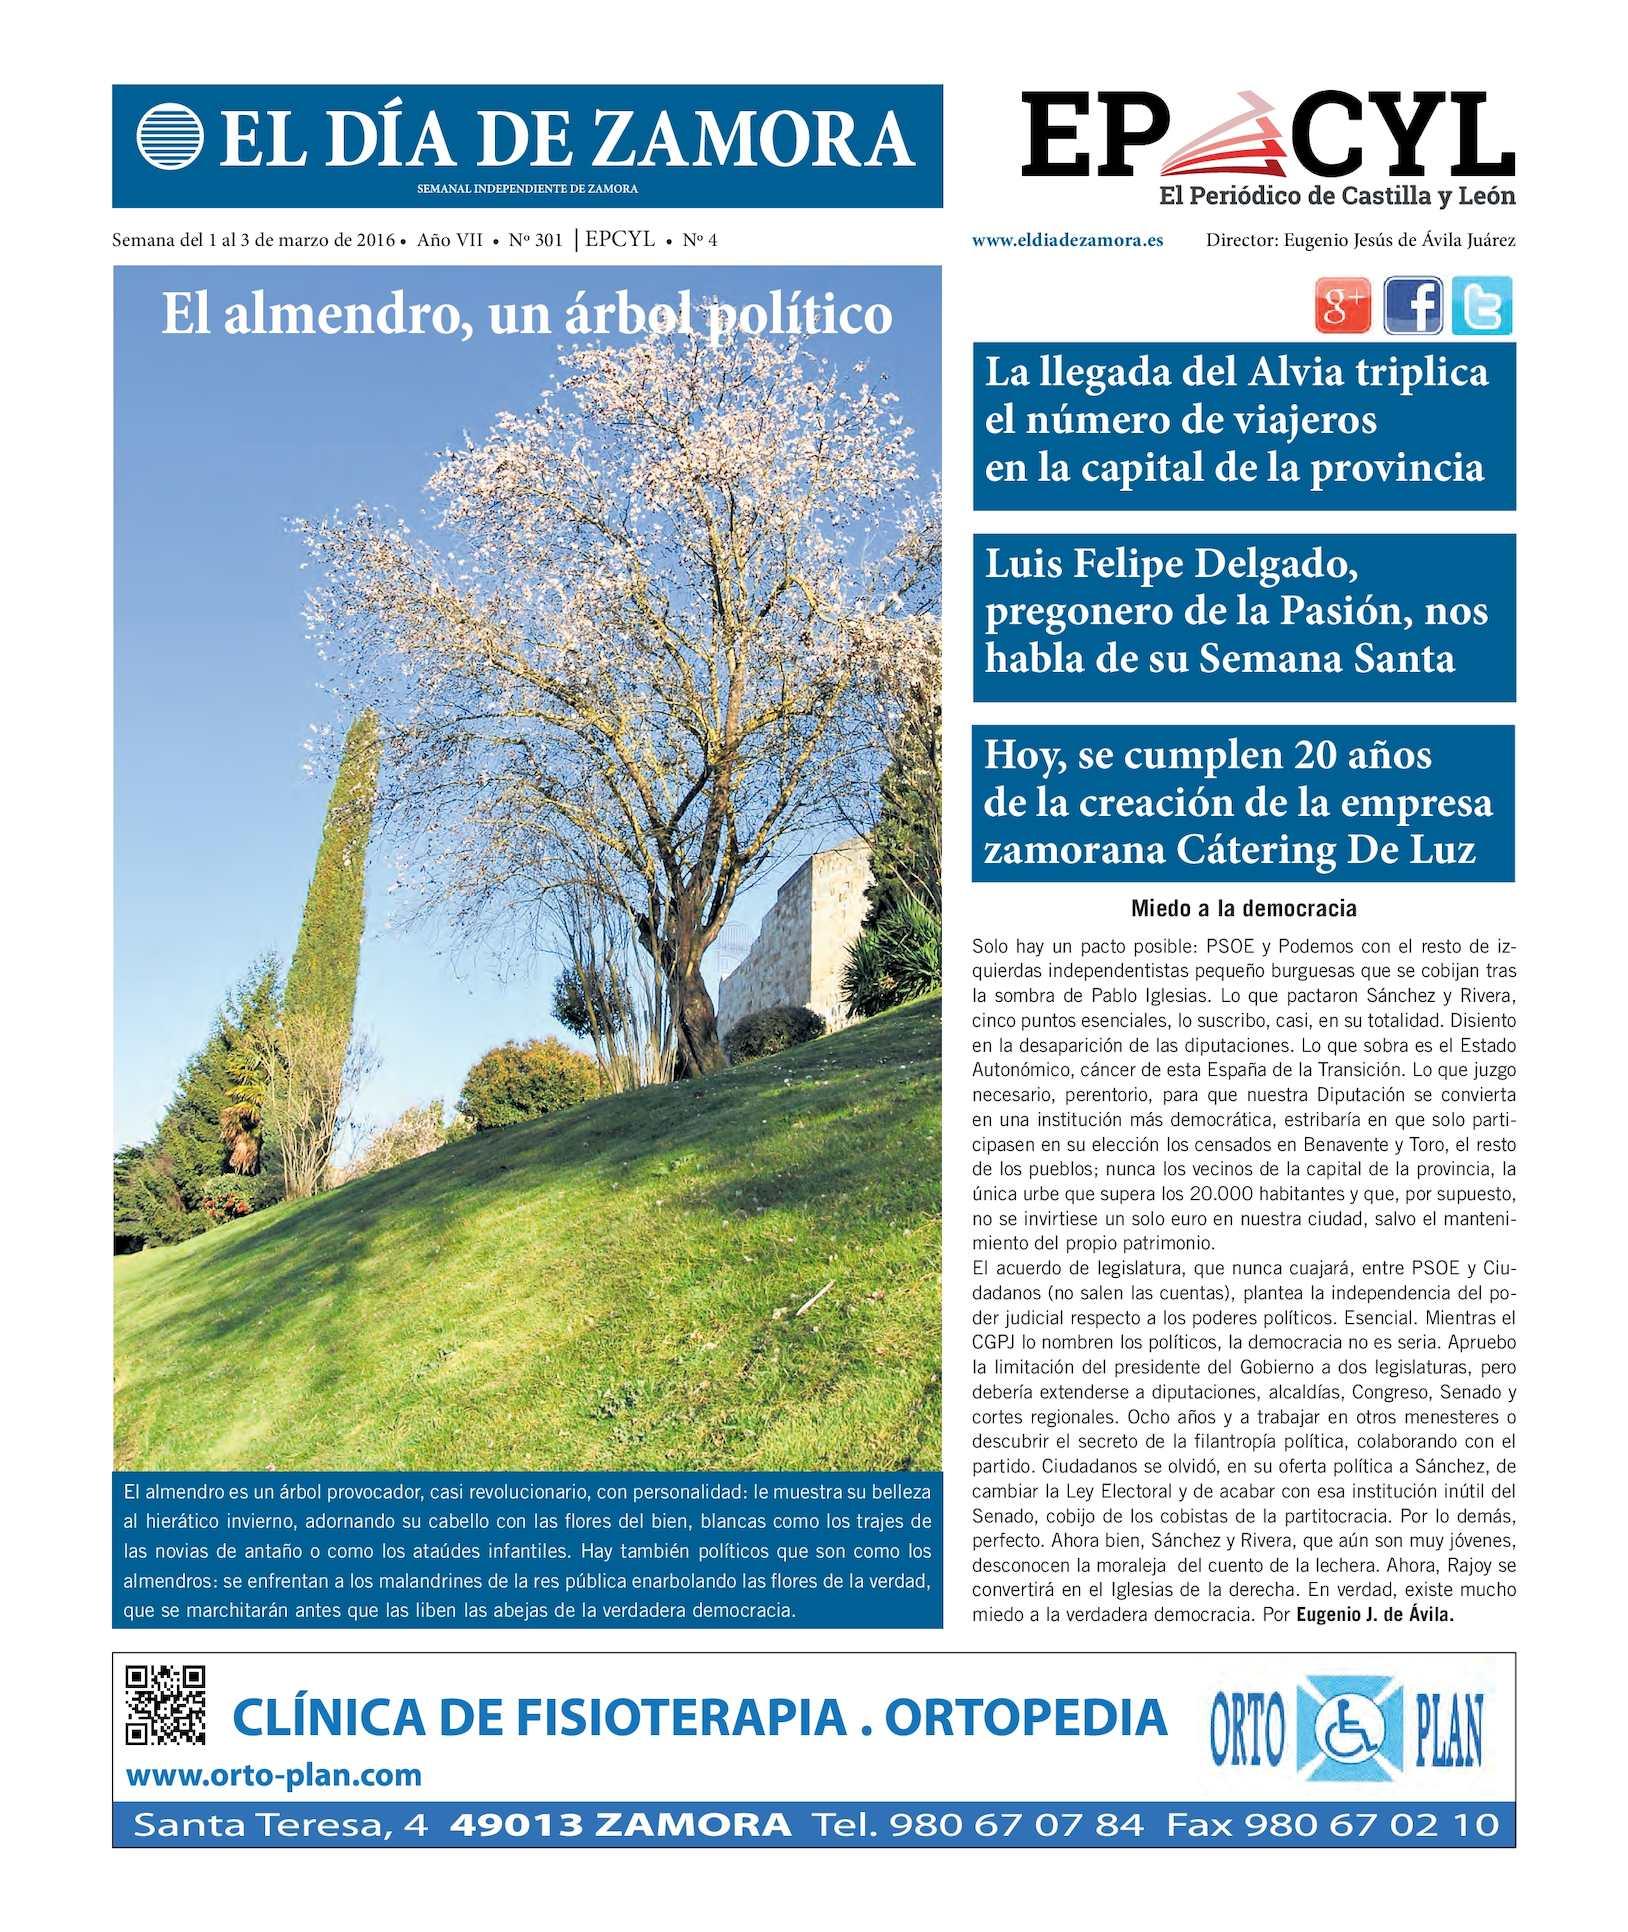 Calaméo - N4 - El Día de Zamora - EPCYL